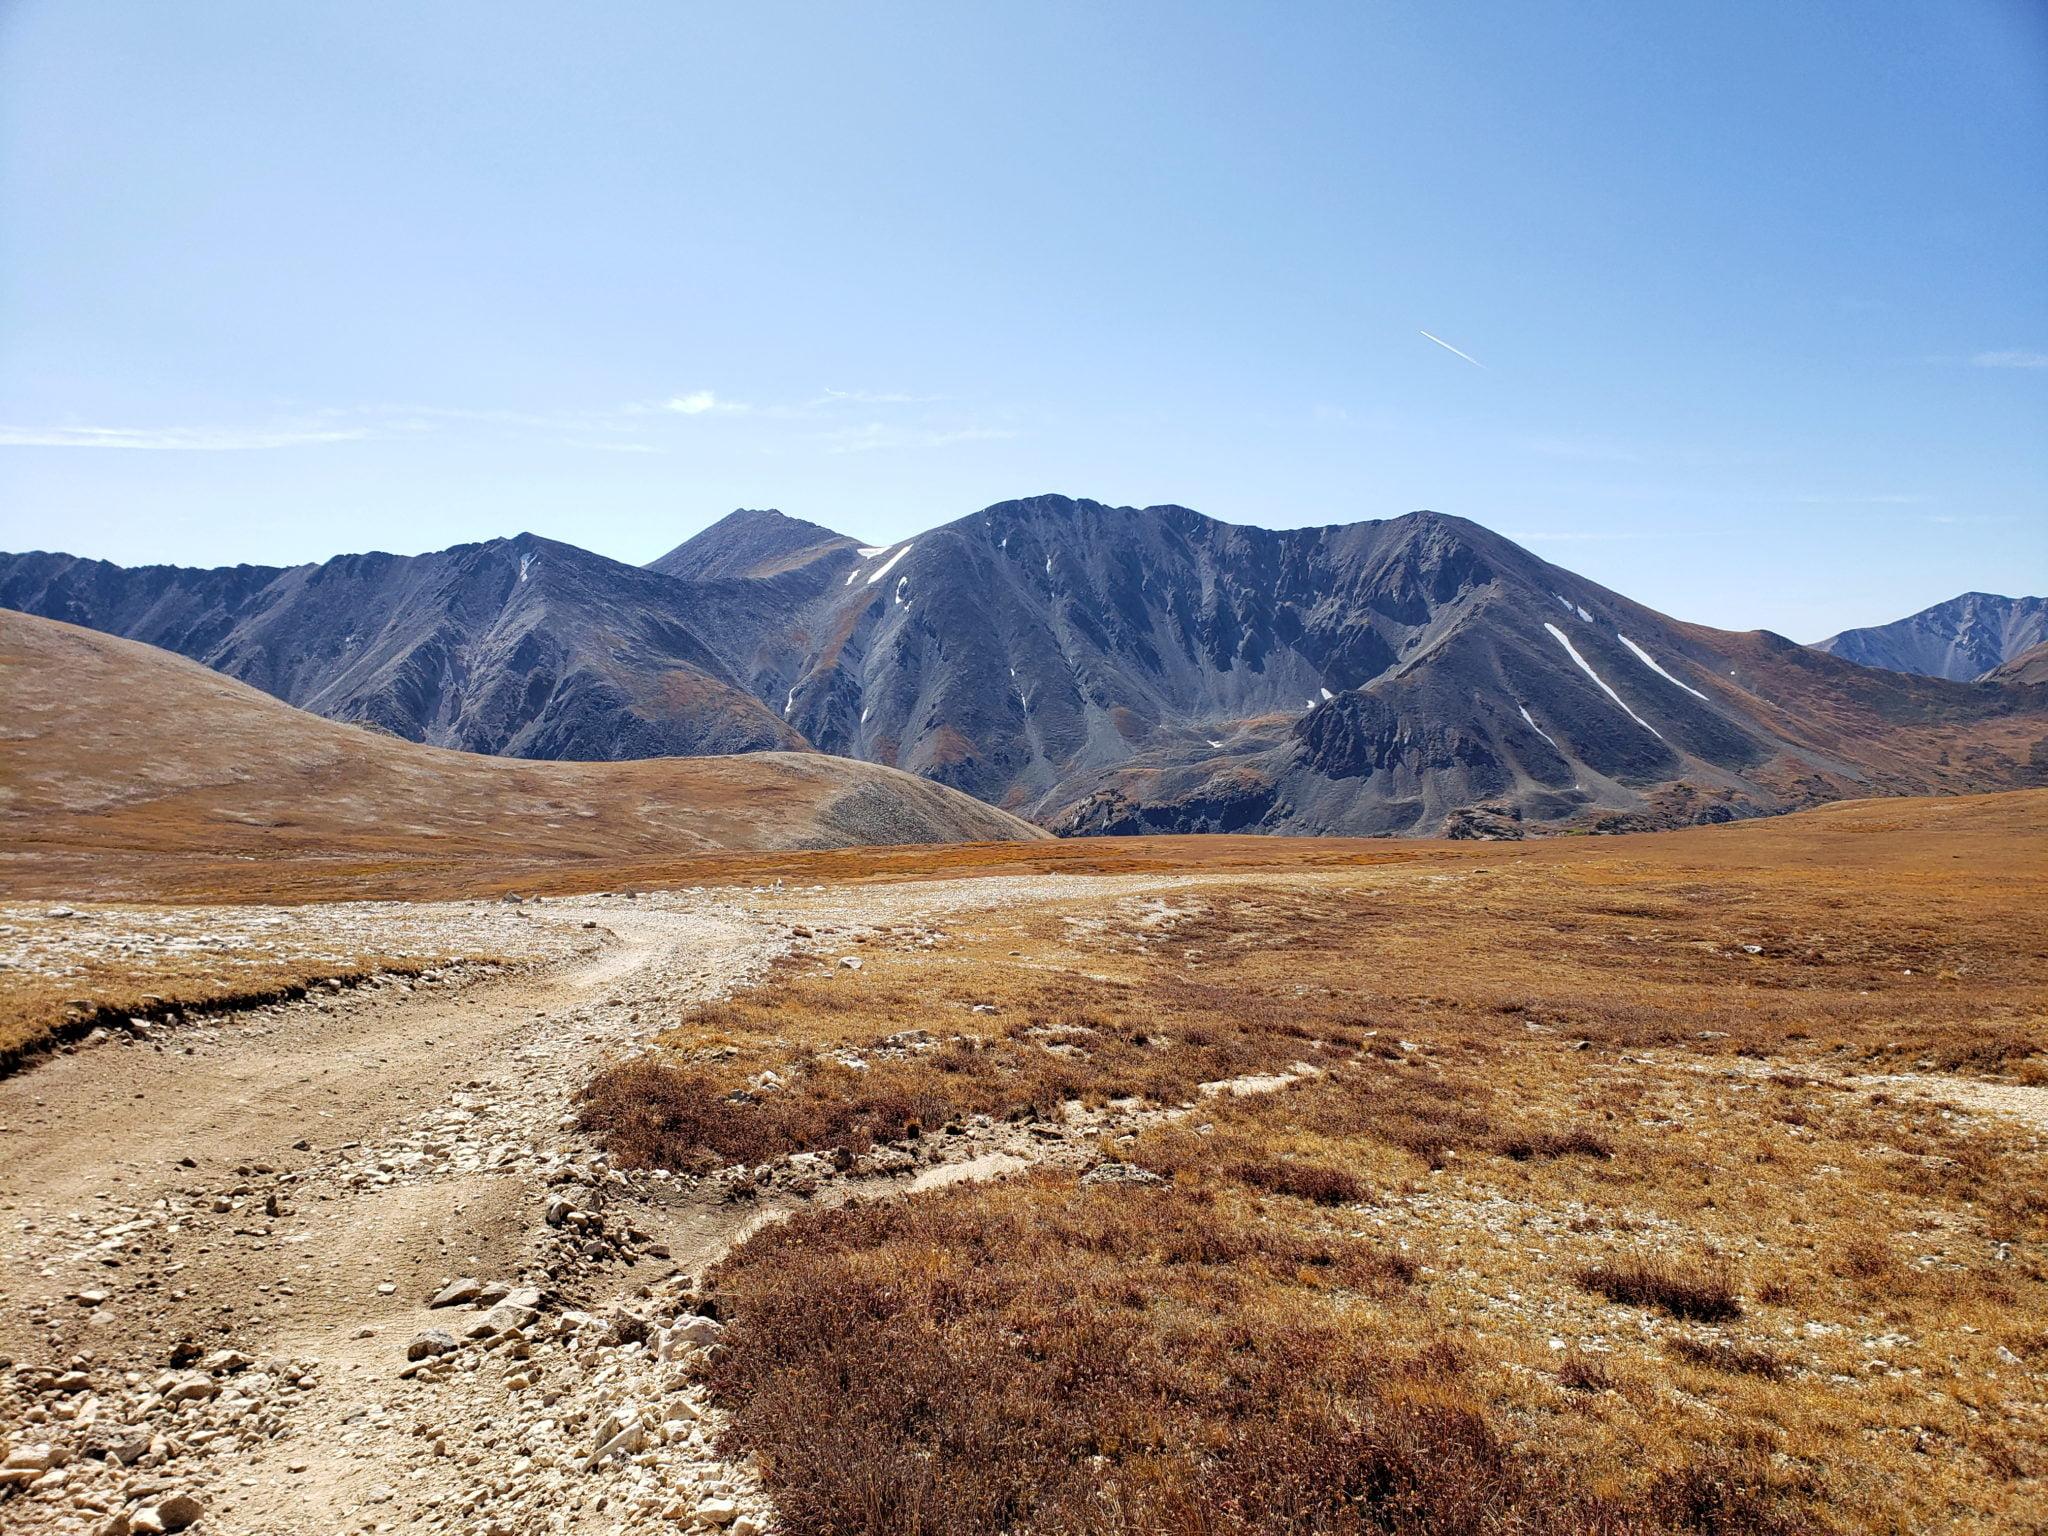 Mt Shavano (14,229